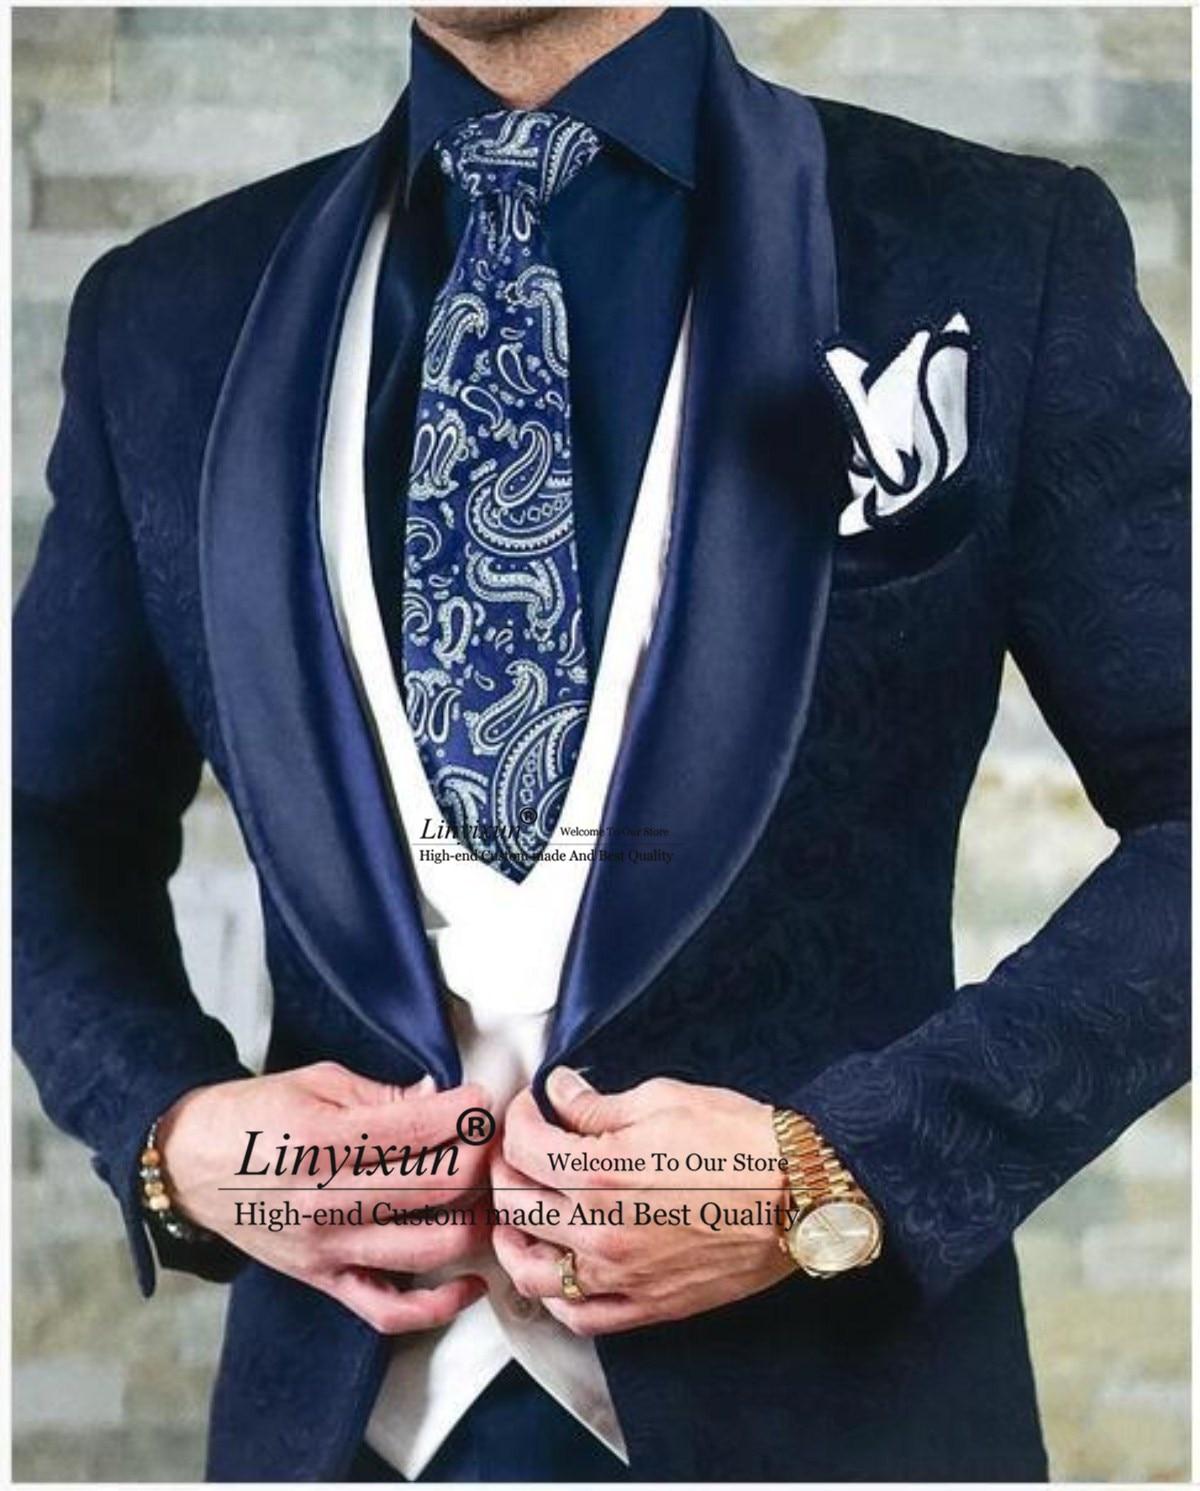 الكلاسيكية النقش البدلات العريس الزفاف الرجال الدعاوى الرجال بدل زفاف ازياء دي التدخين صب أوم الرجال (سترة السراويل سترة)